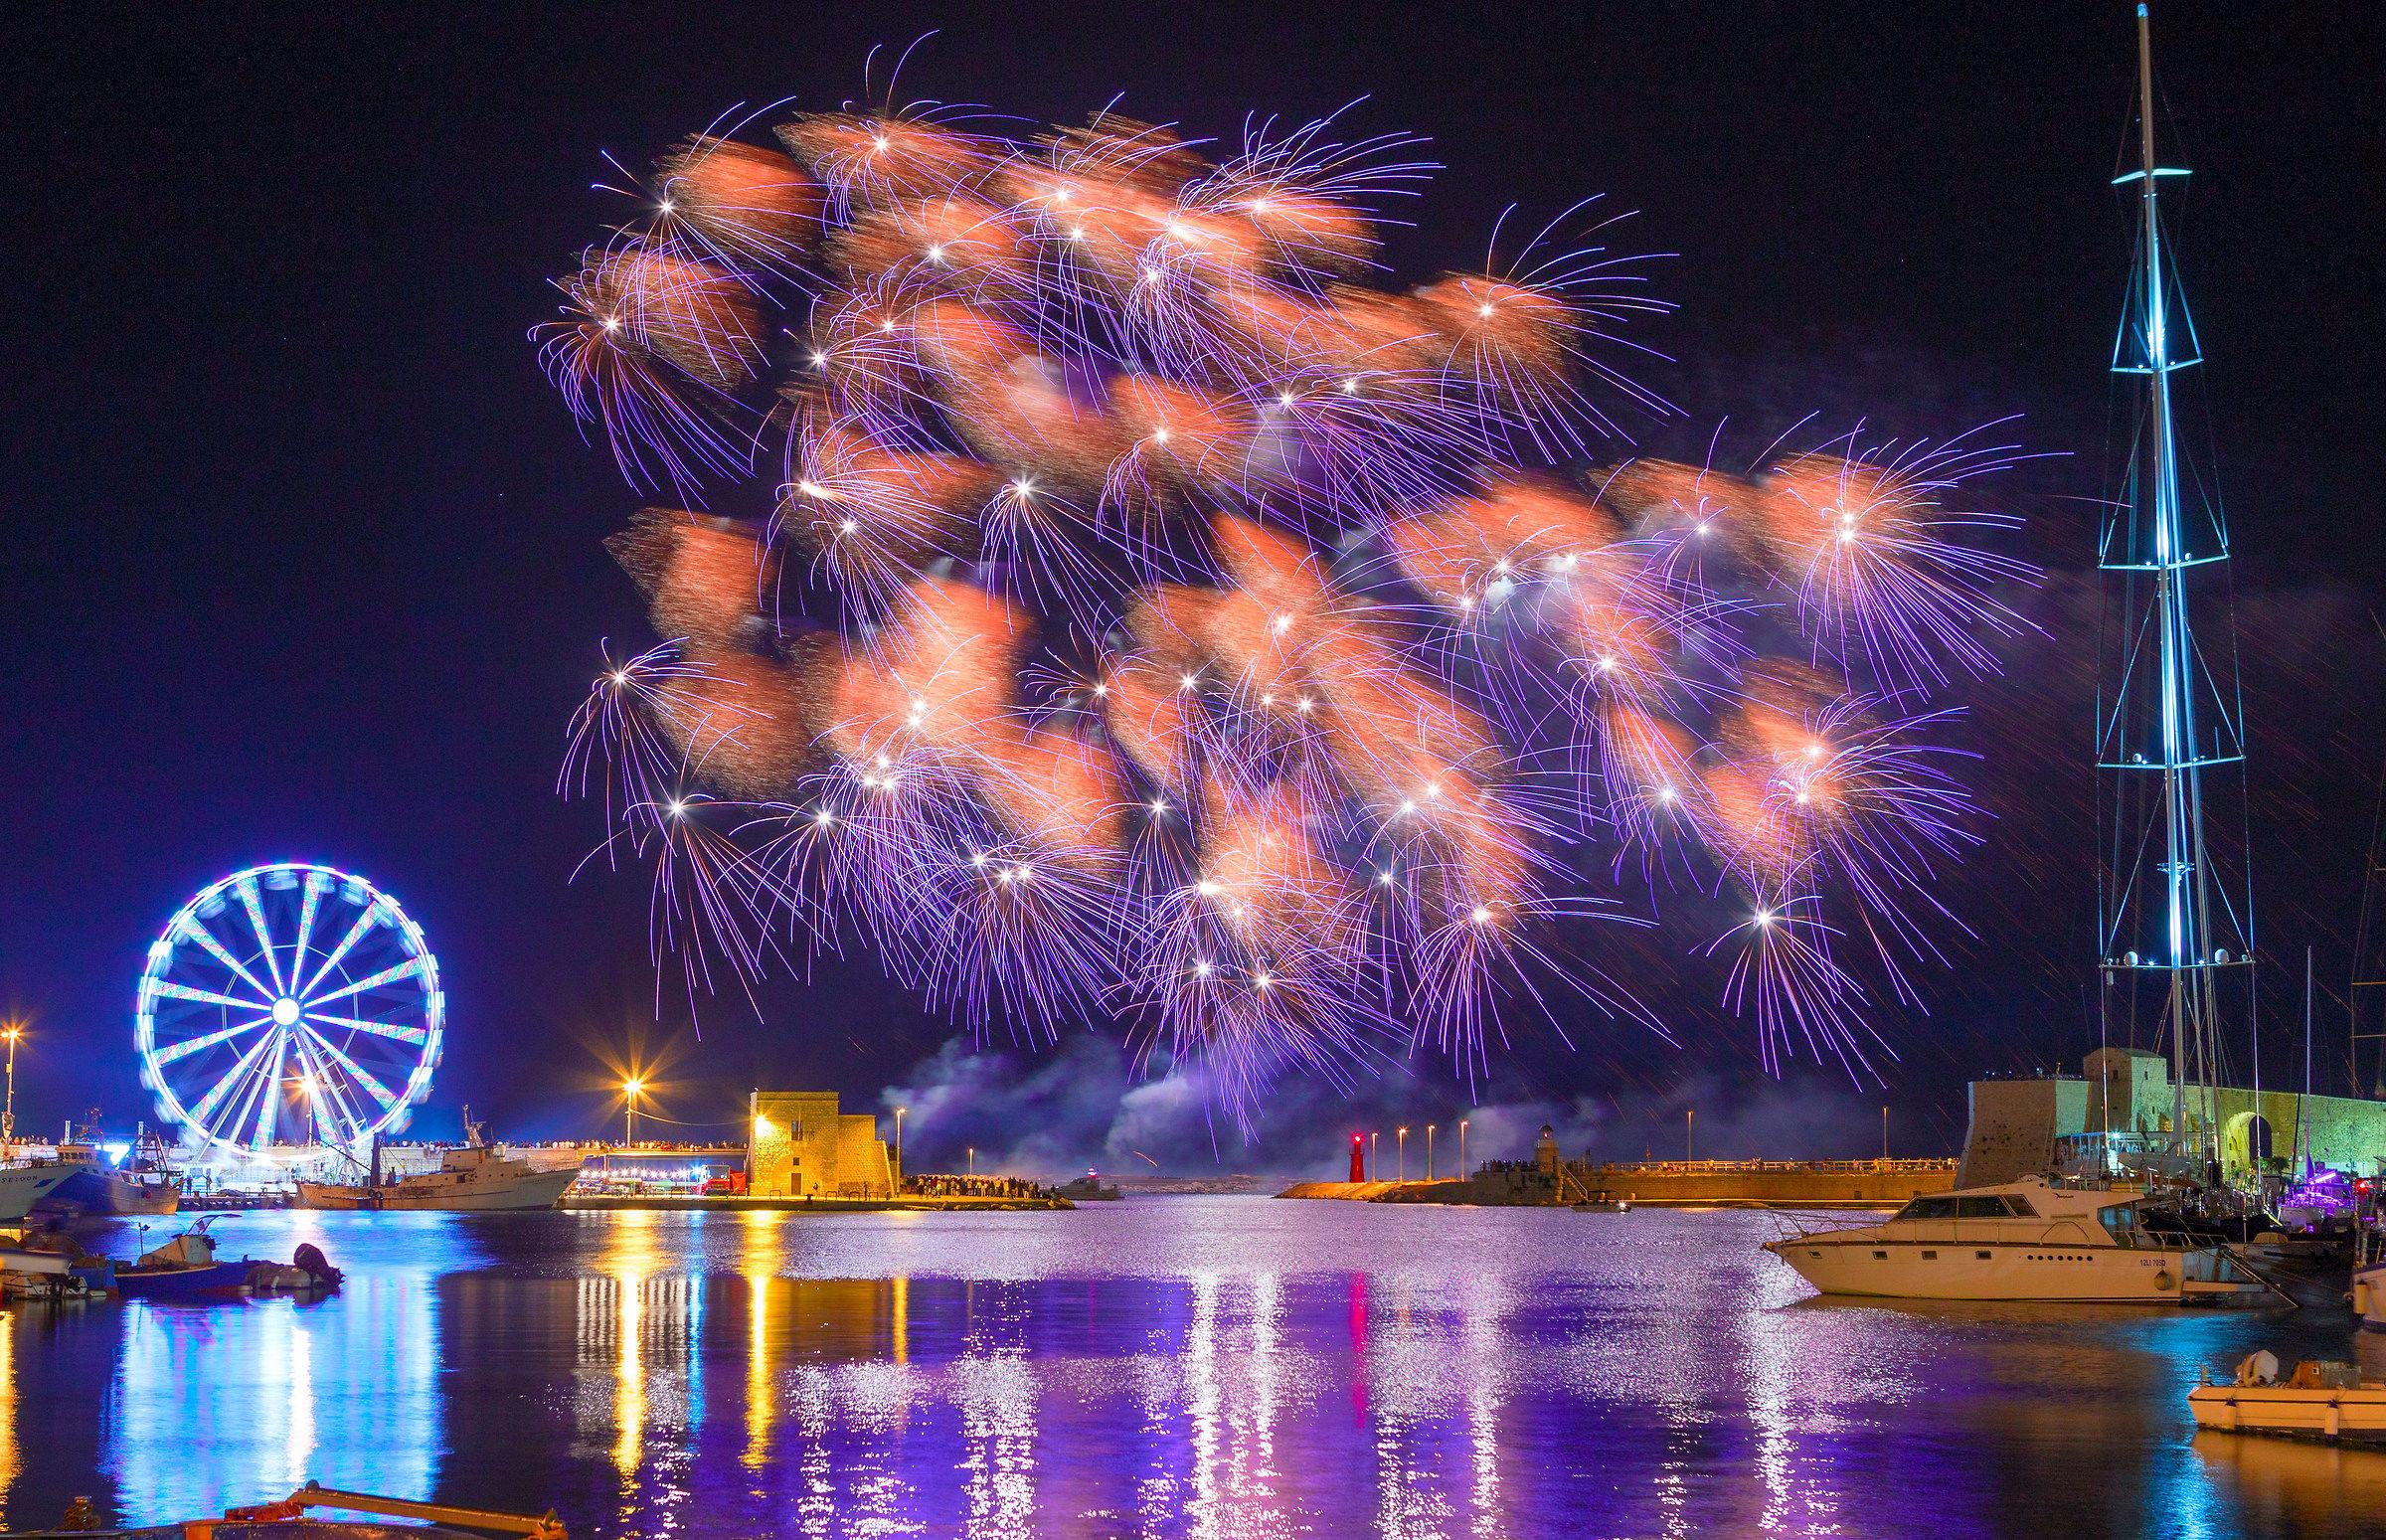 Trani 2018 Fireworks 3...